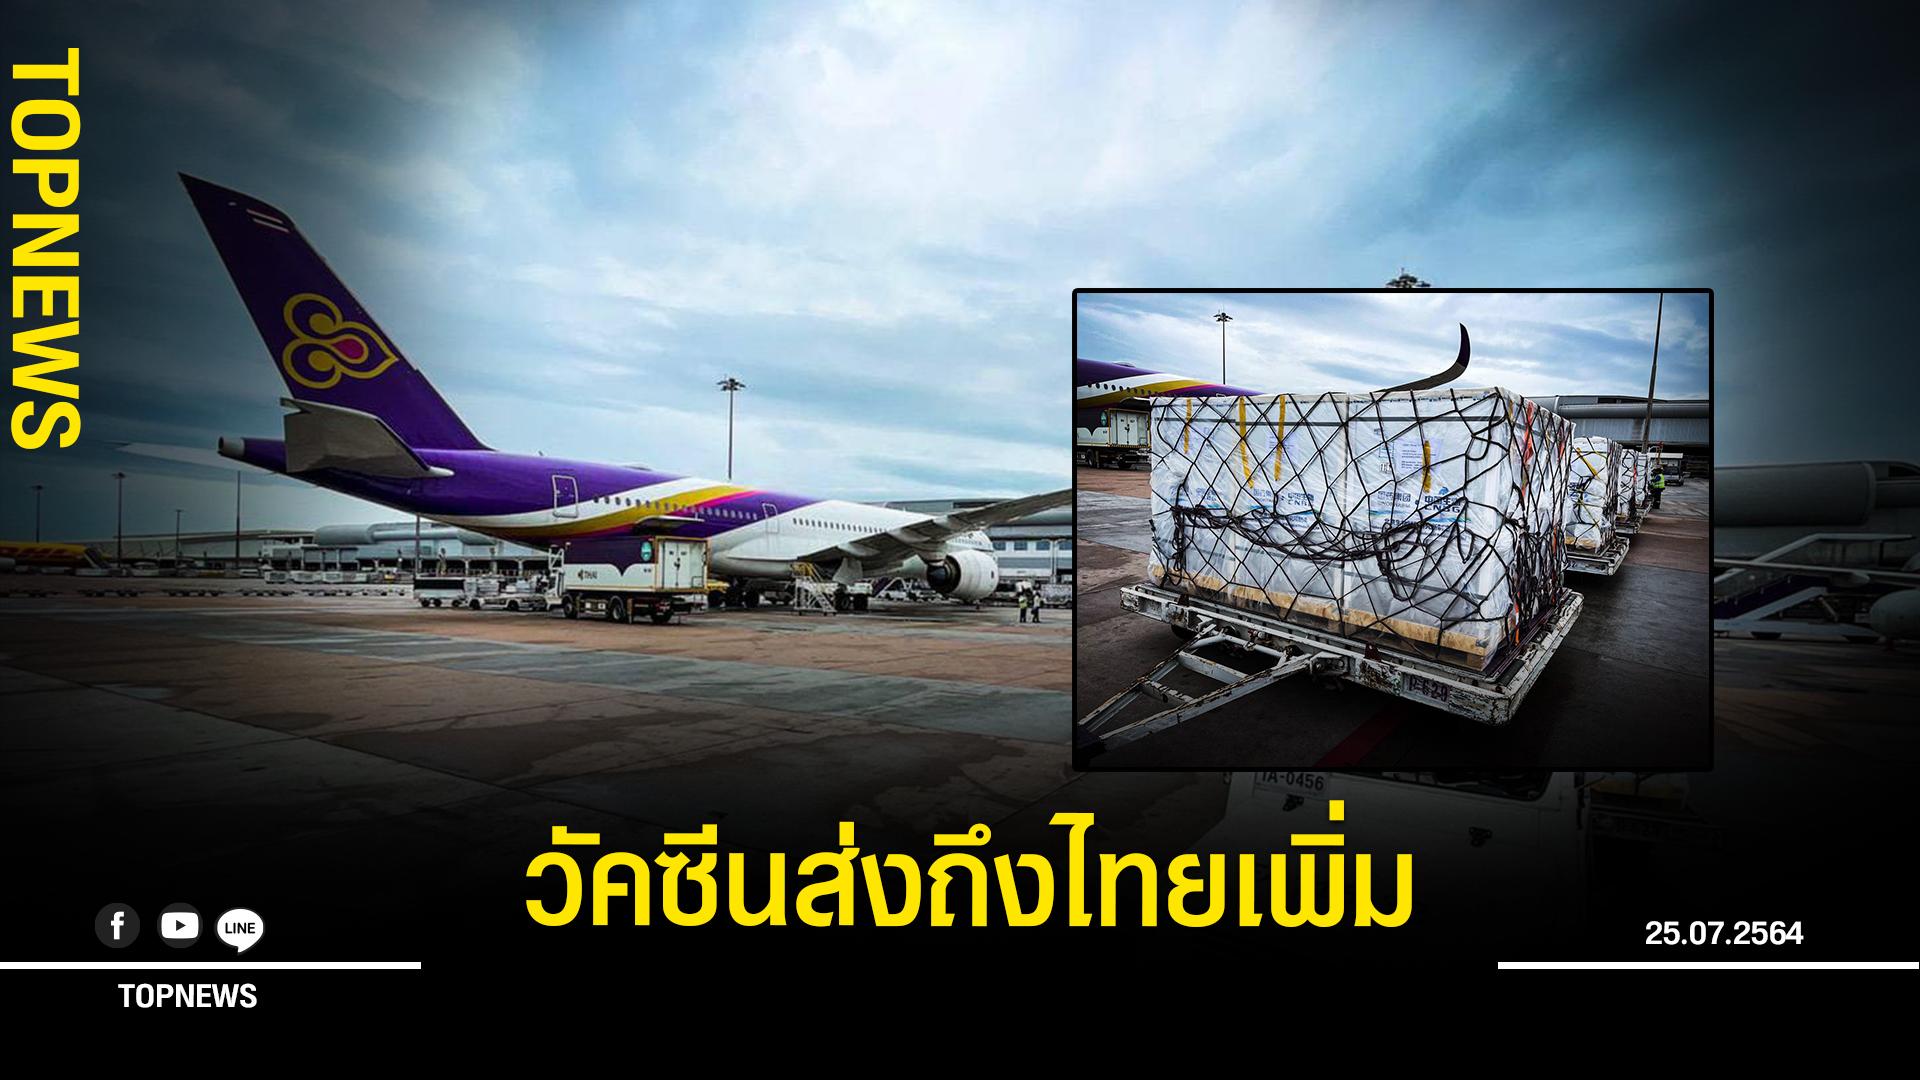 """การบินไทย ขนส่งวัคซีน """"ซิโนฟาร์ม"""" ถึงไทย อีก 1 ล้านโดส"""